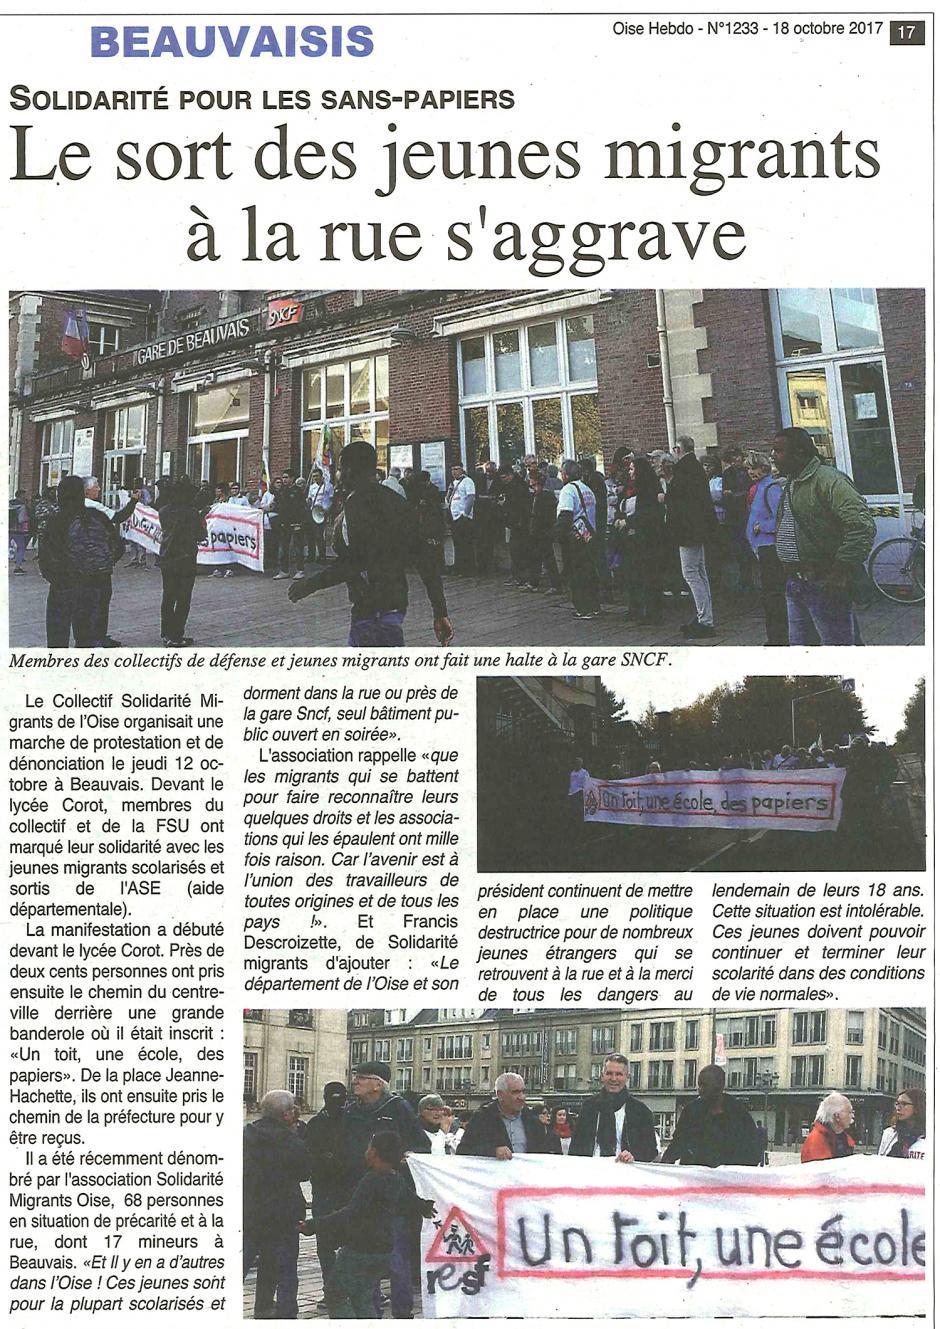 20171018-OH-Beauvais-Le sort des jeunes migrants à la rue s'aggrave